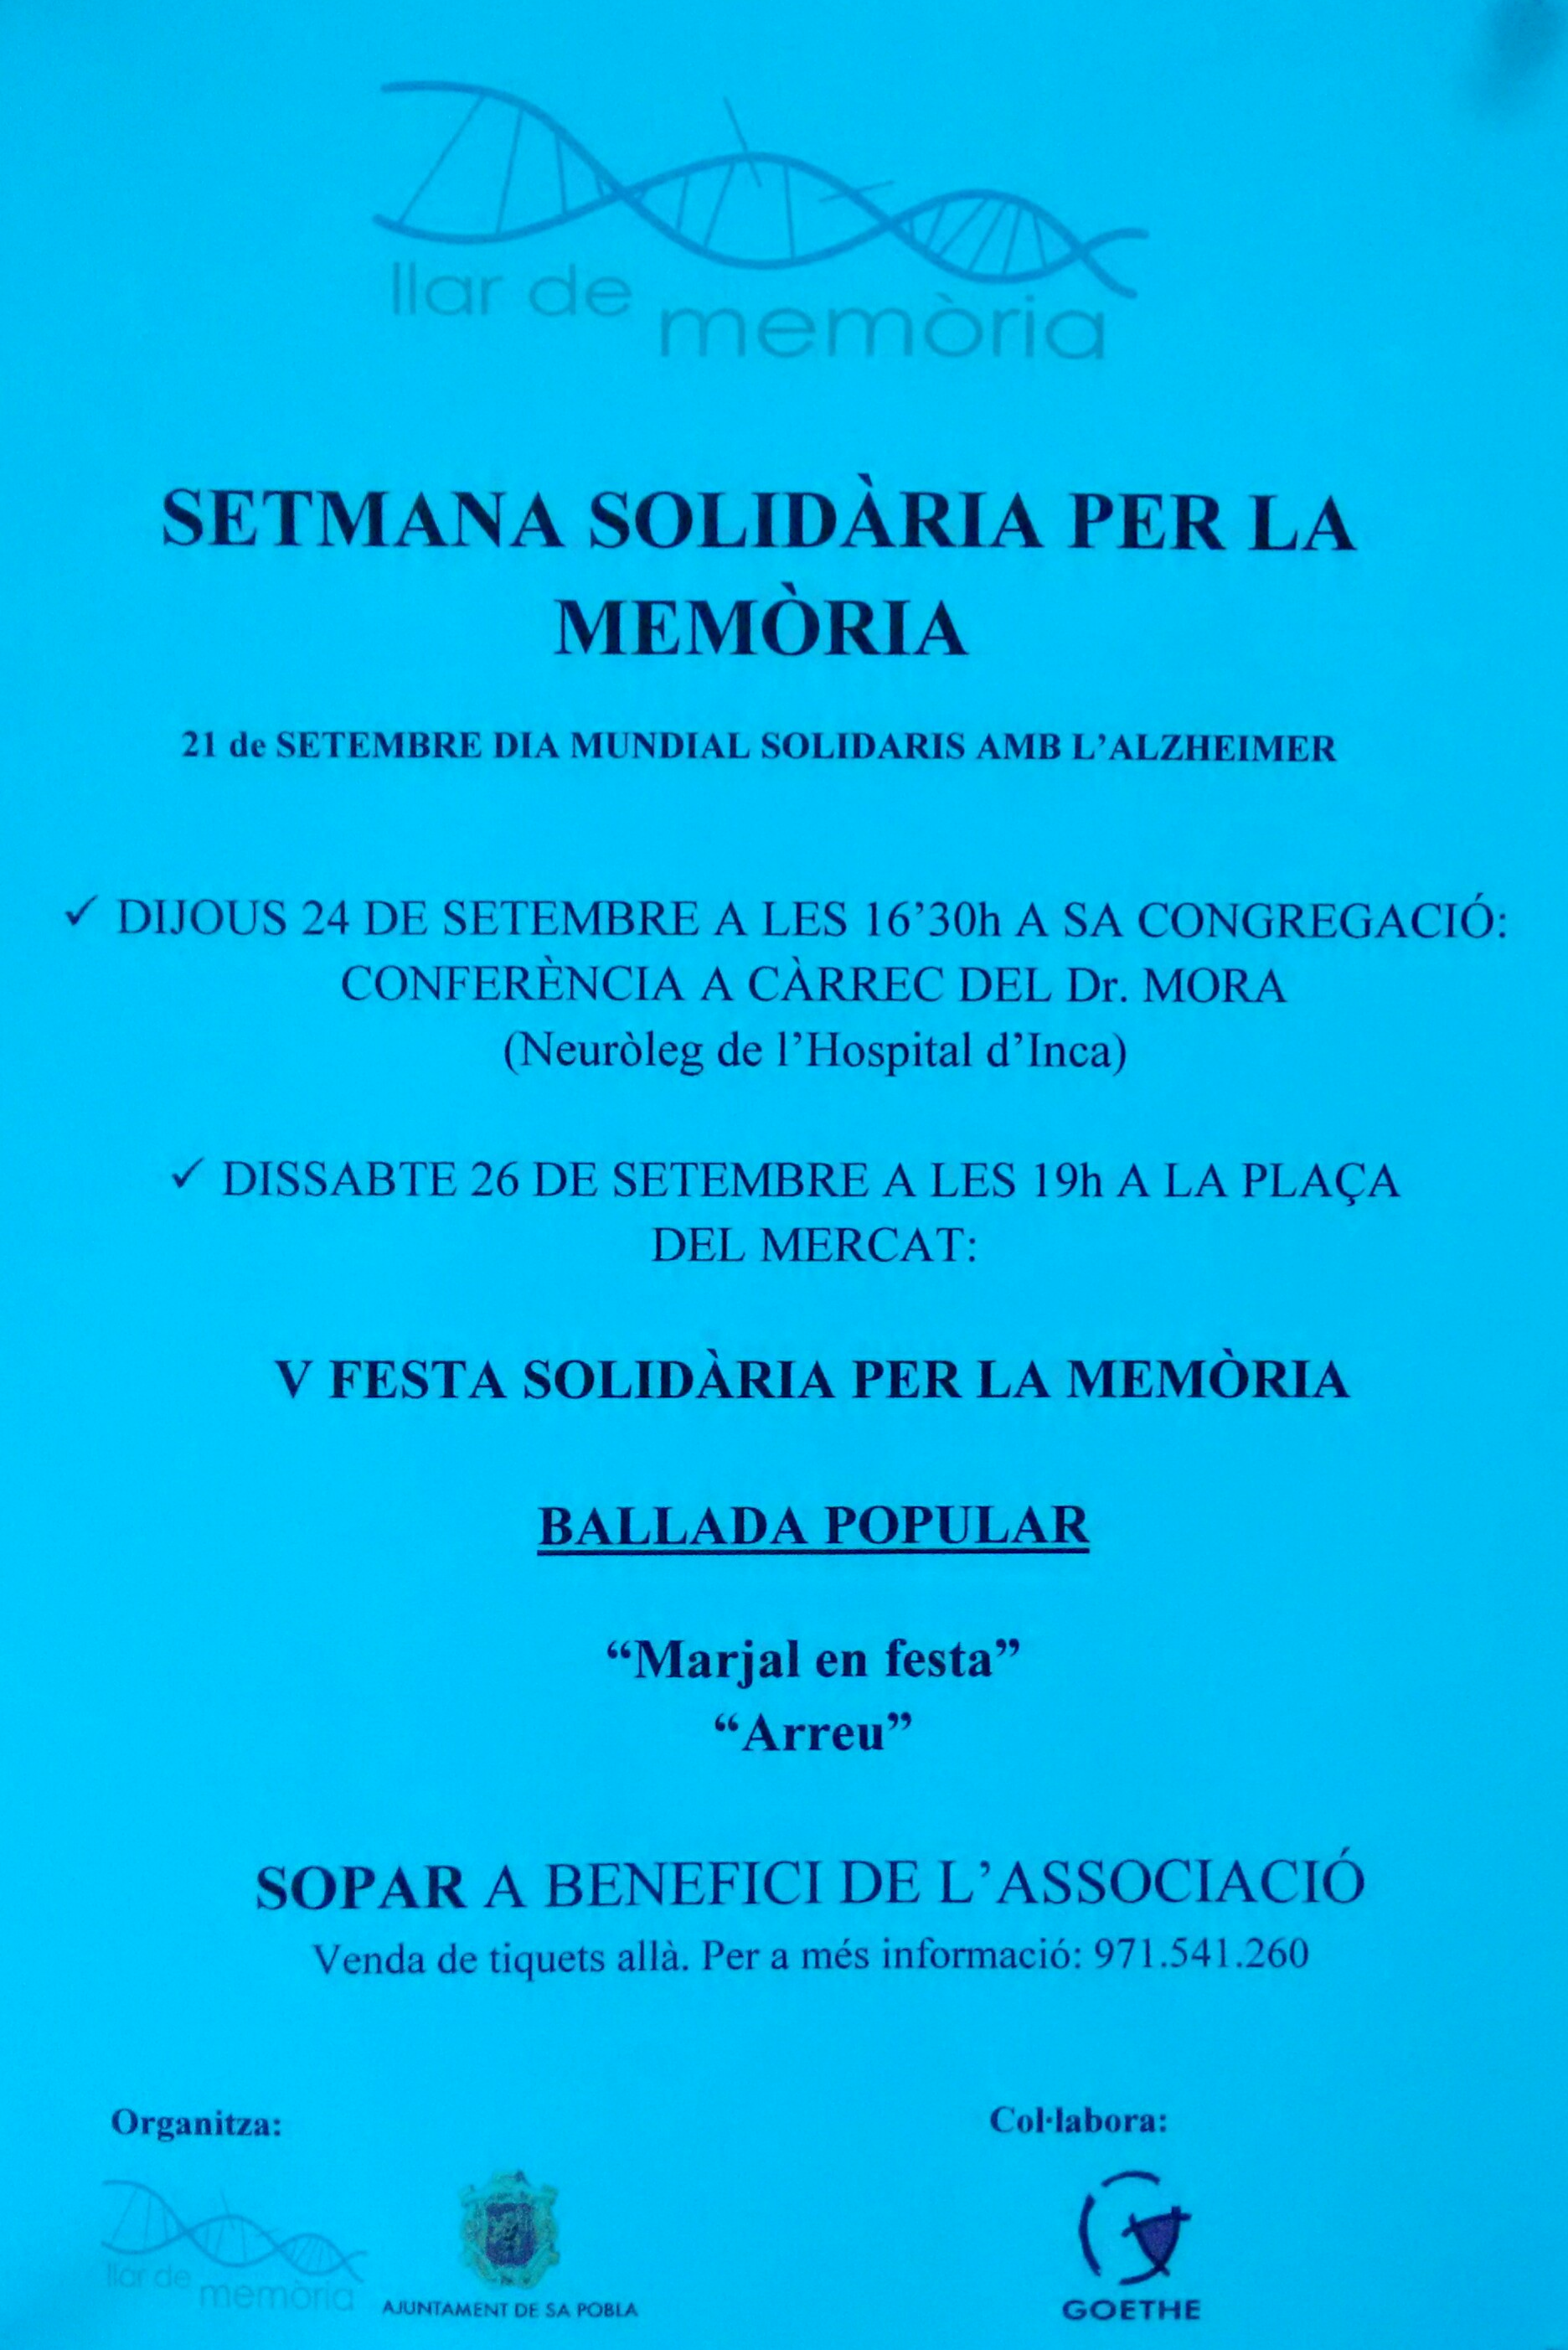 Setmana solidària 2015